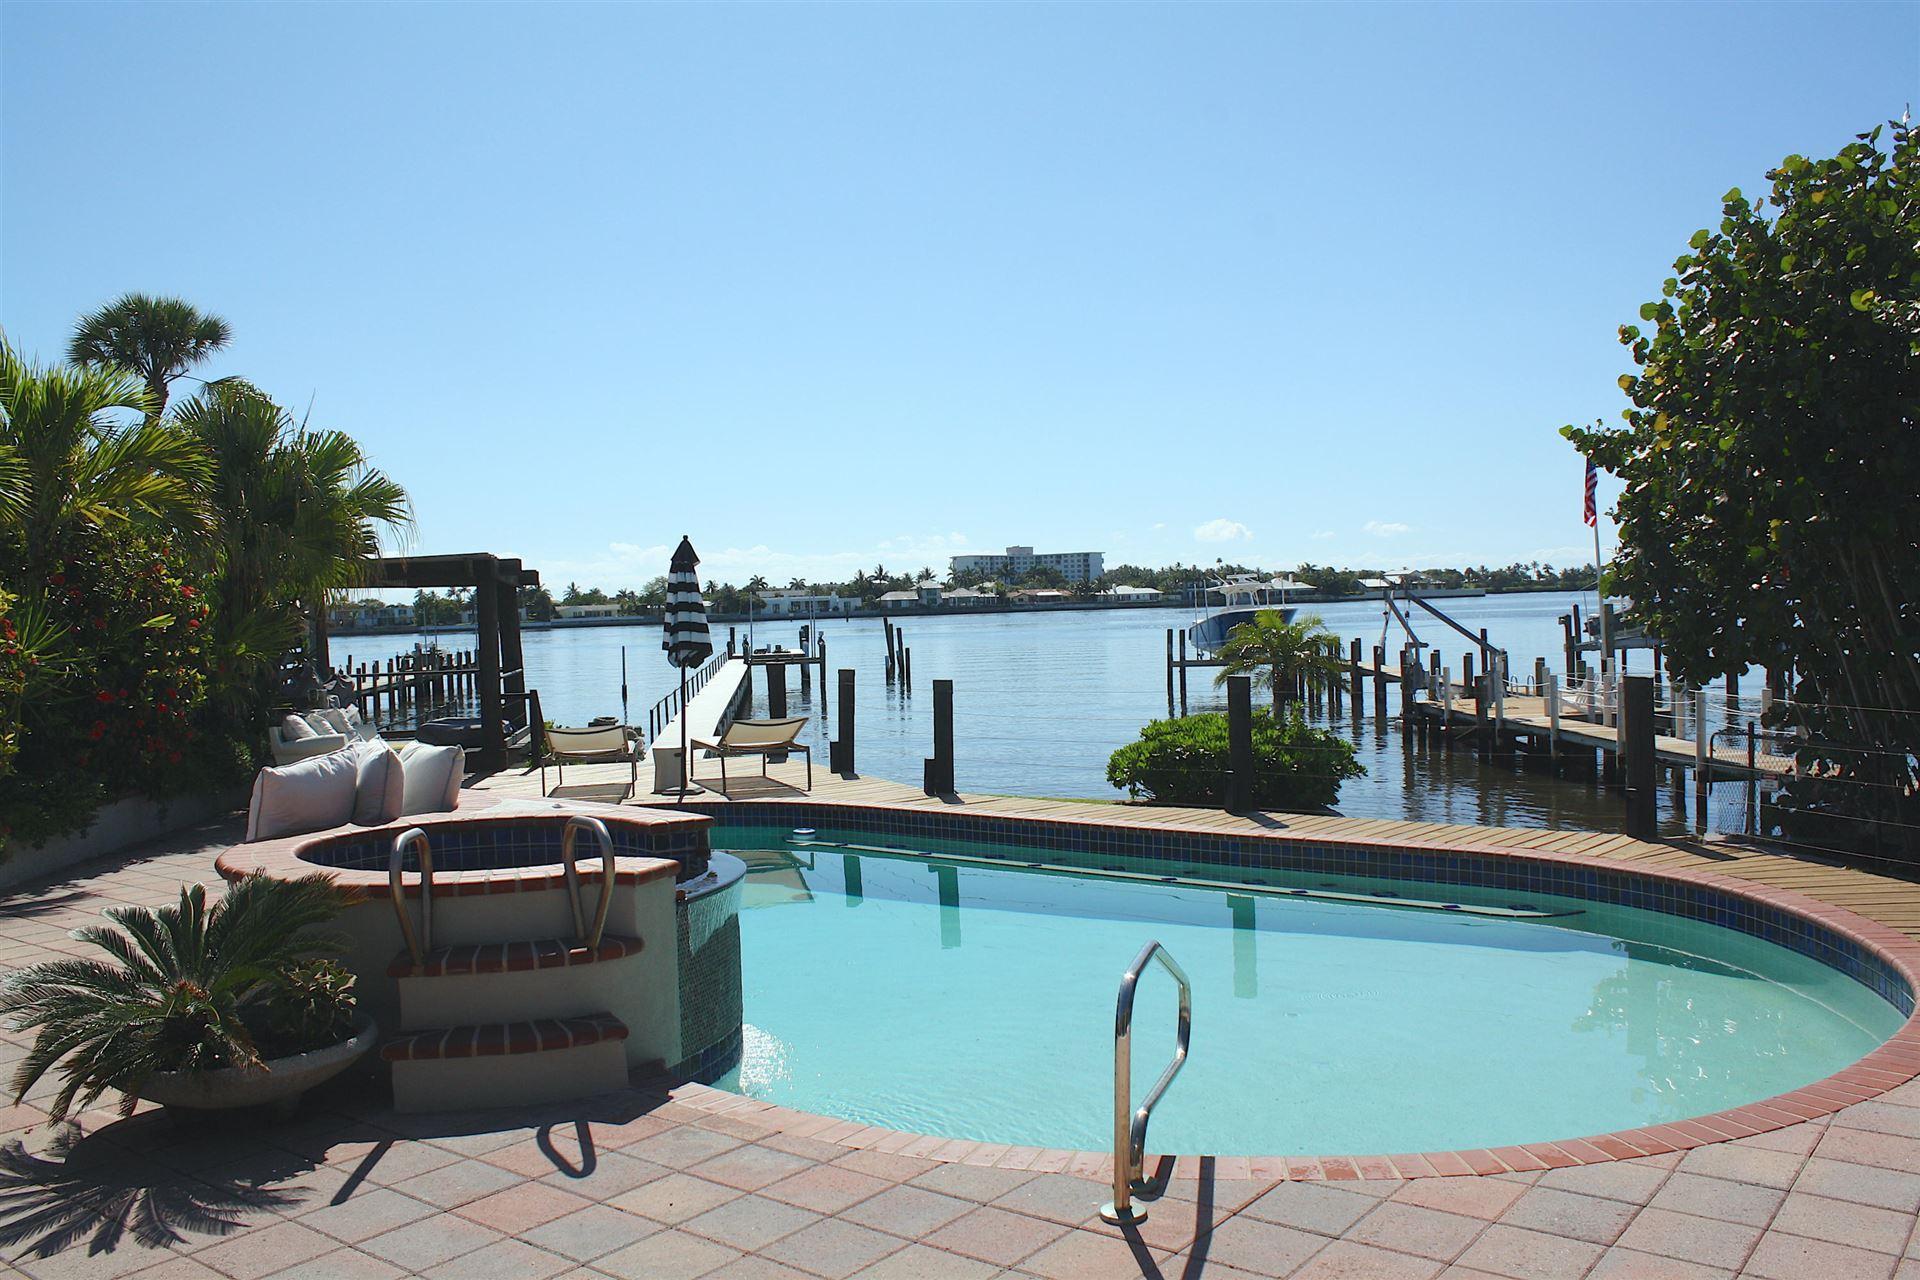 1818 N R Street, Lake Worth, FL 33460 - #: RX-10602875